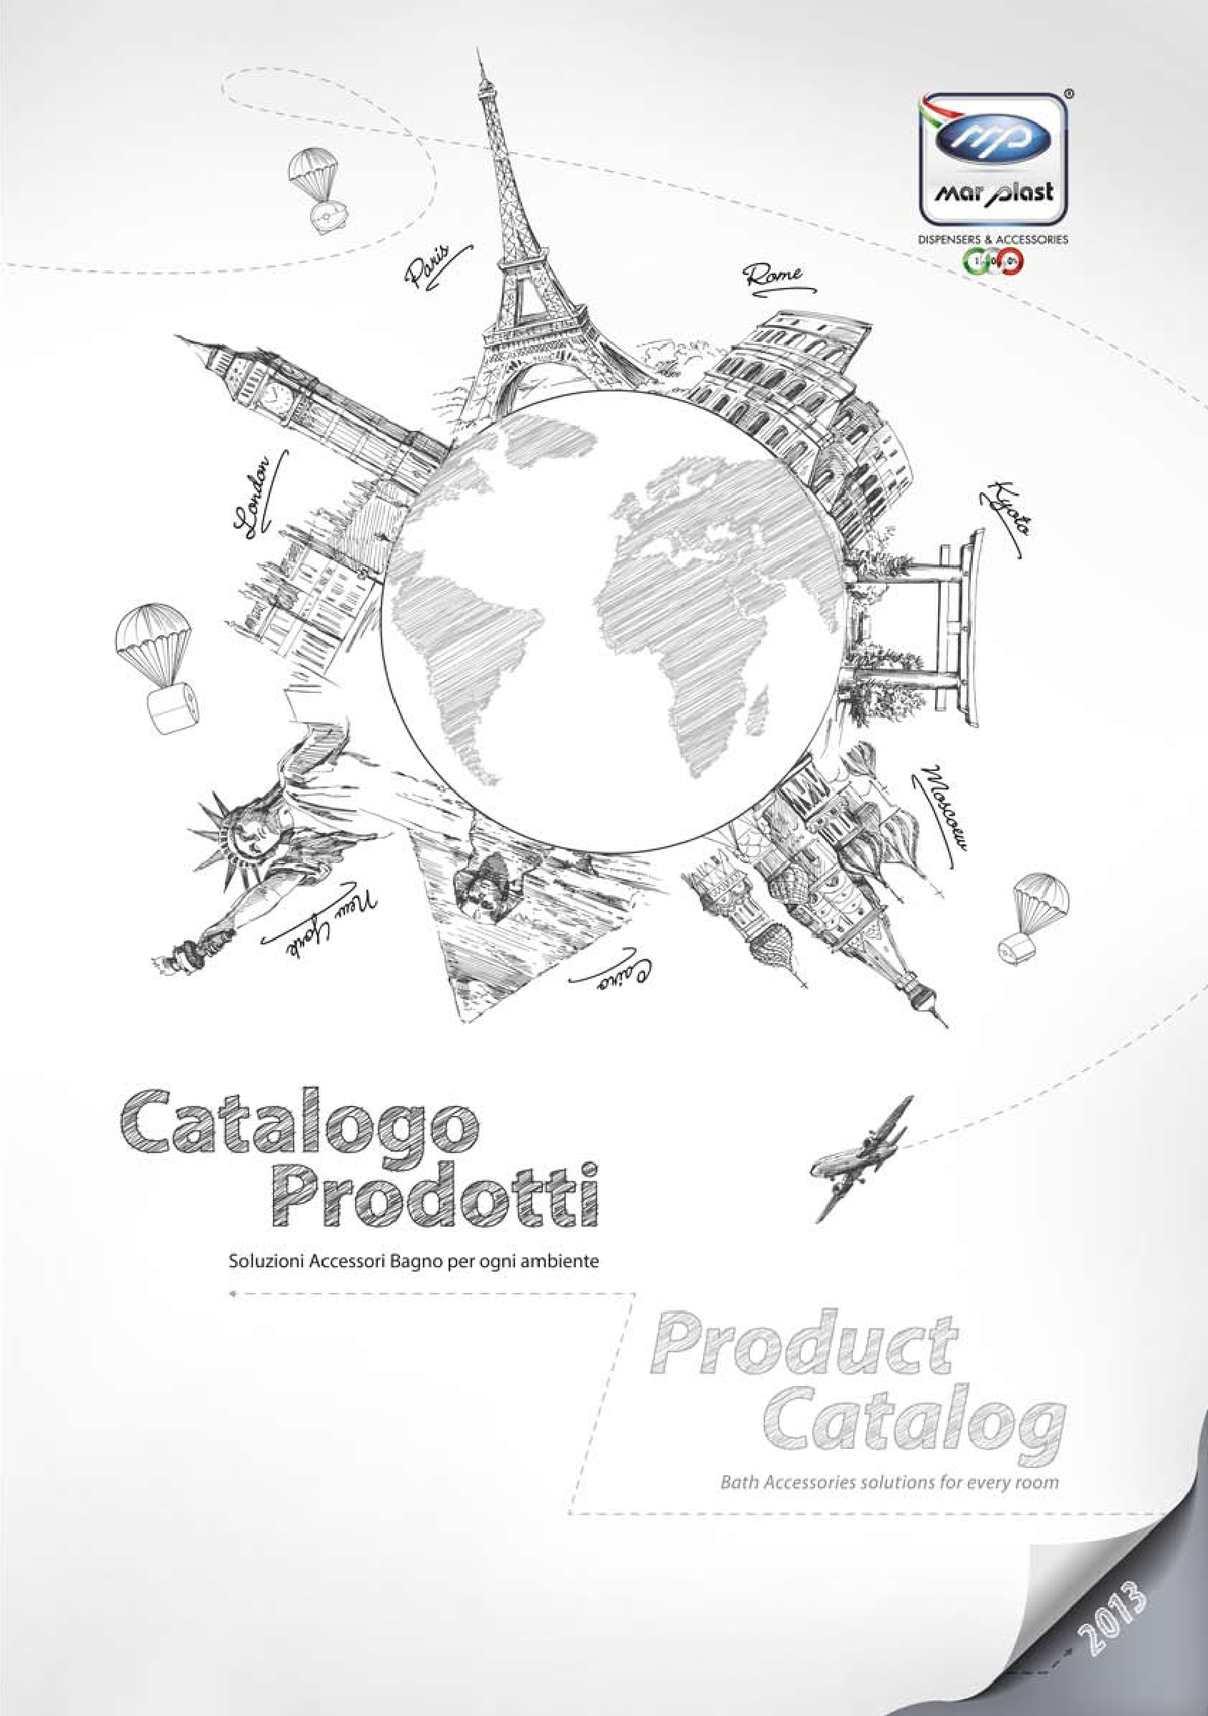 2072fc8e56 Calaméo - Nomesis MarPlast general Catalog 2013